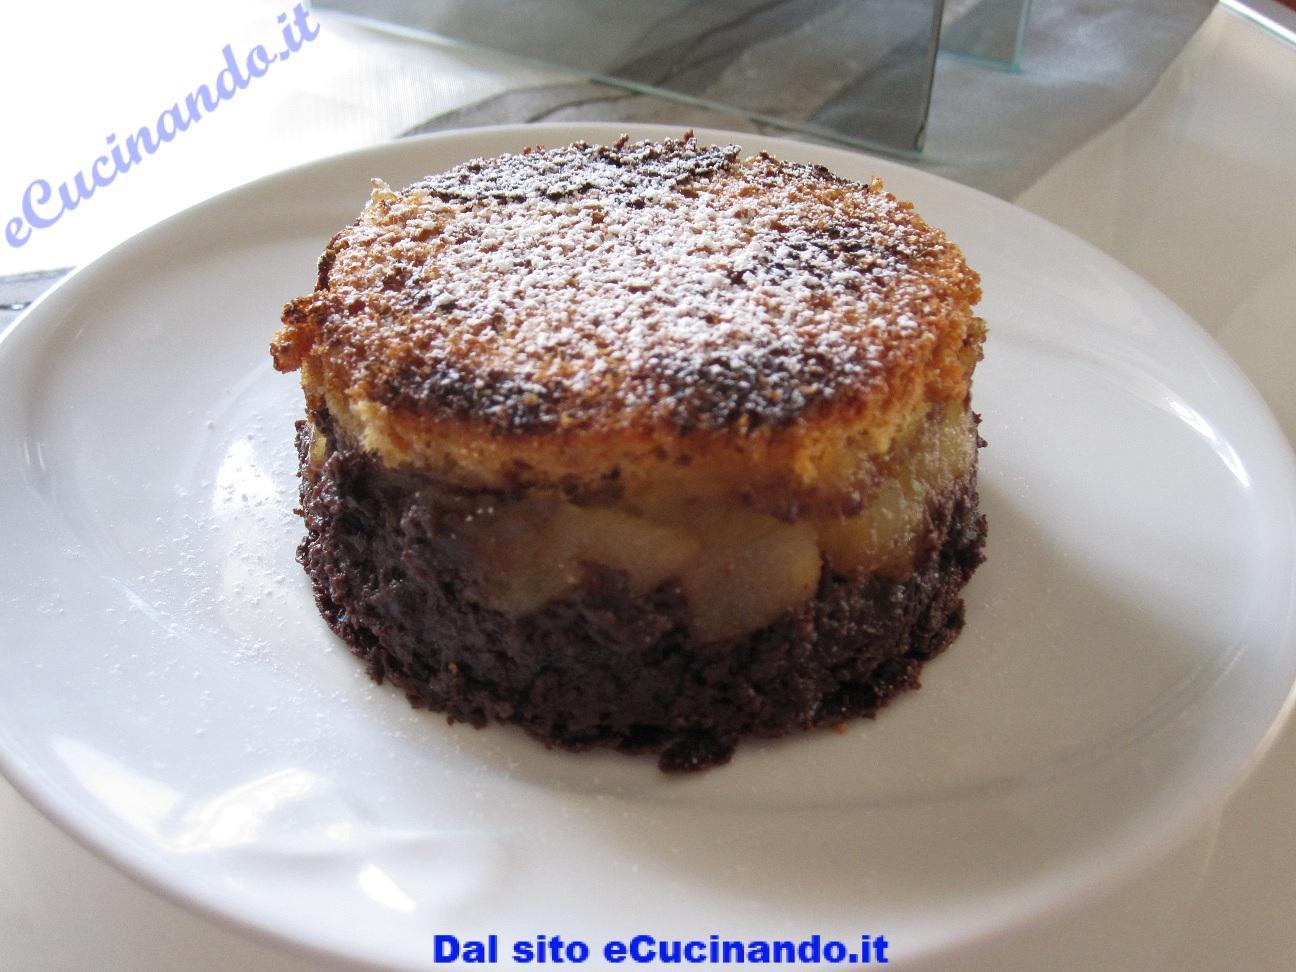 Pudding-cremoso-al-cioccolato